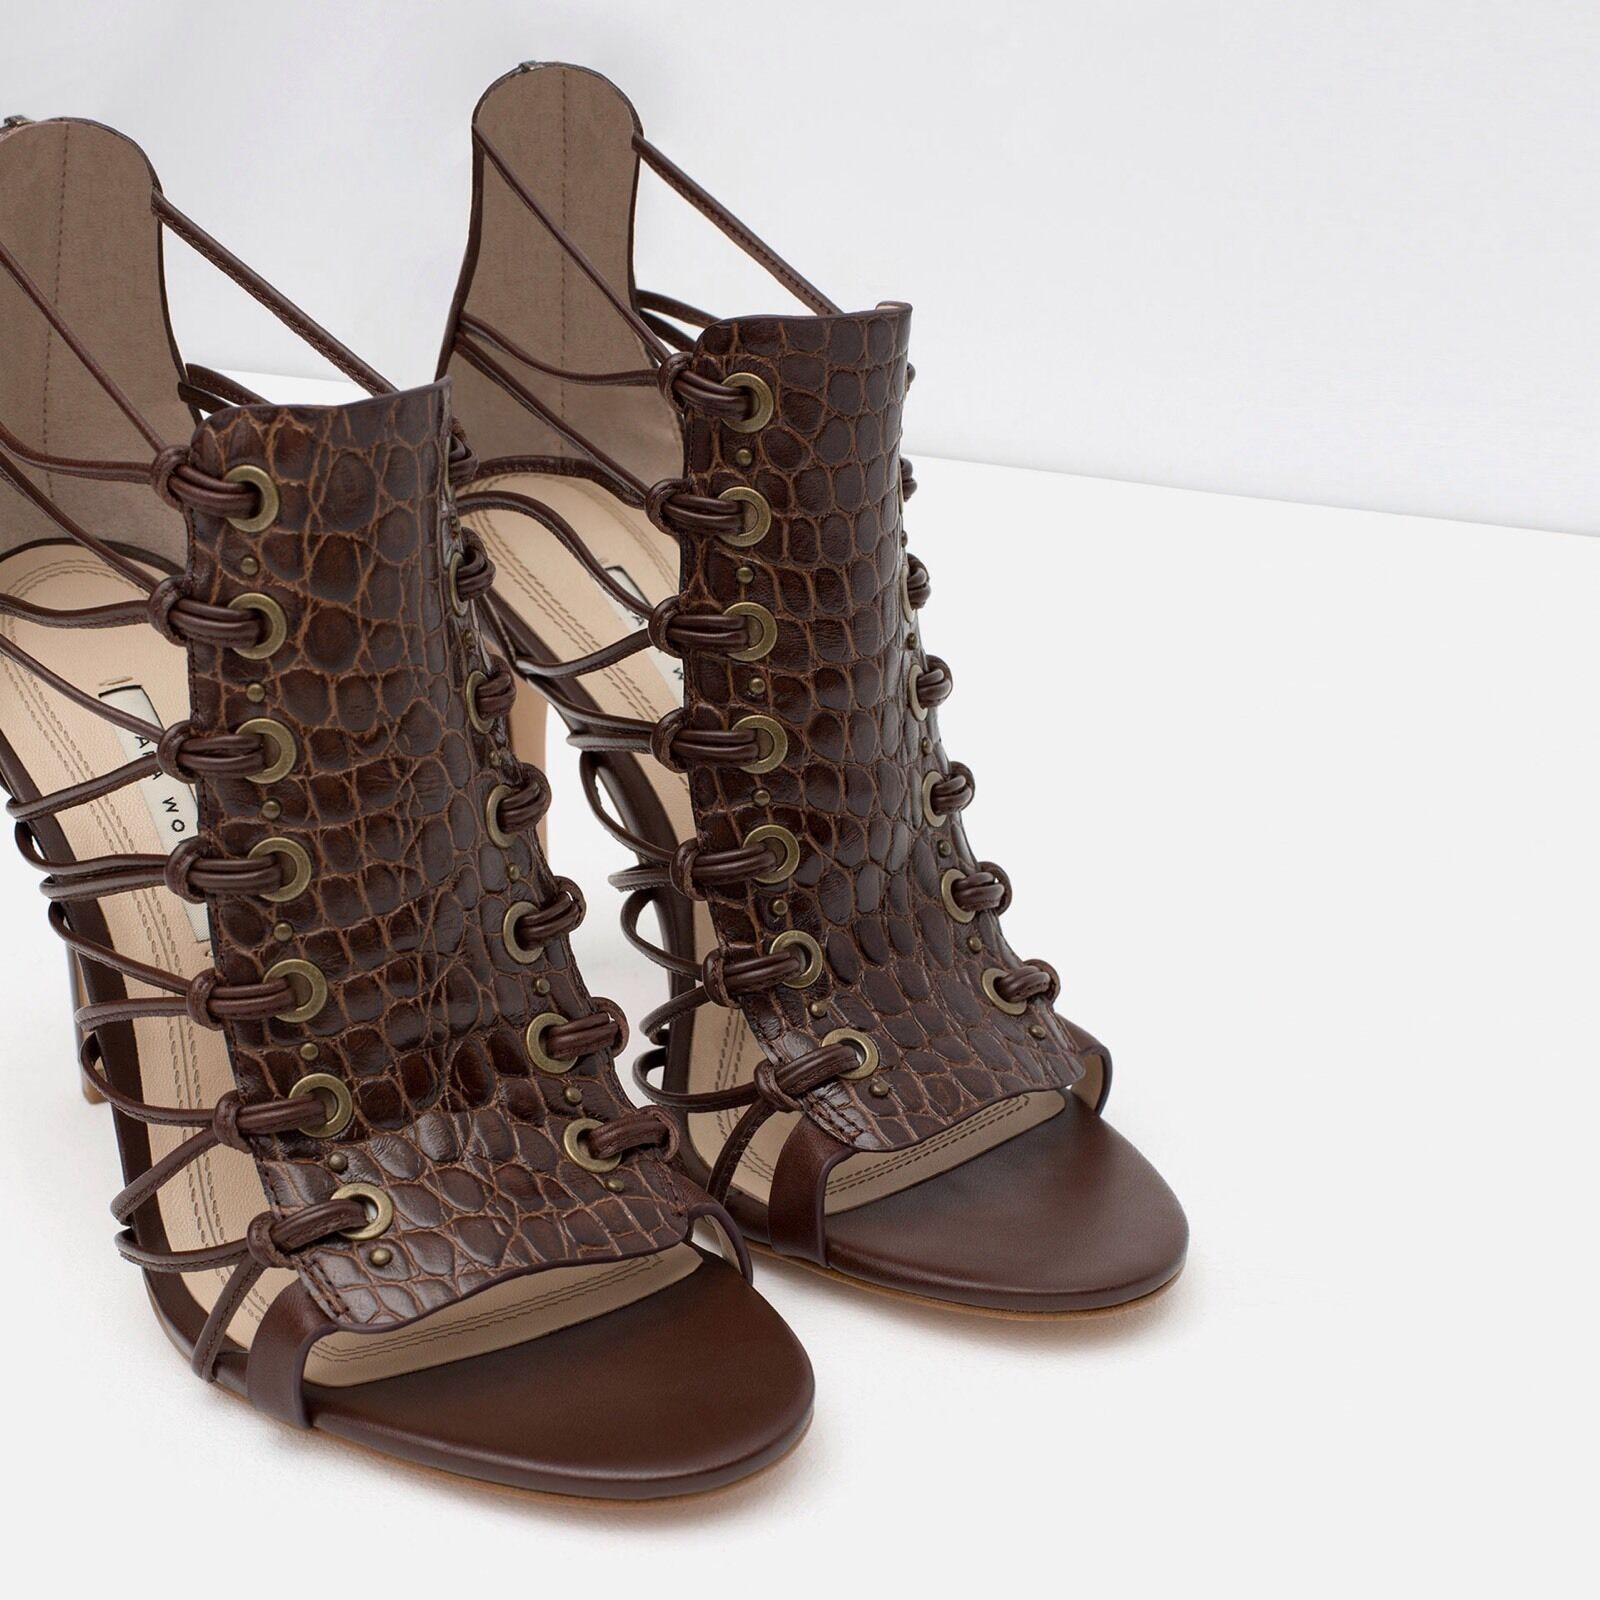 Zara Leder High Heels 6 Sandale Größe 6 Heels - 357efa